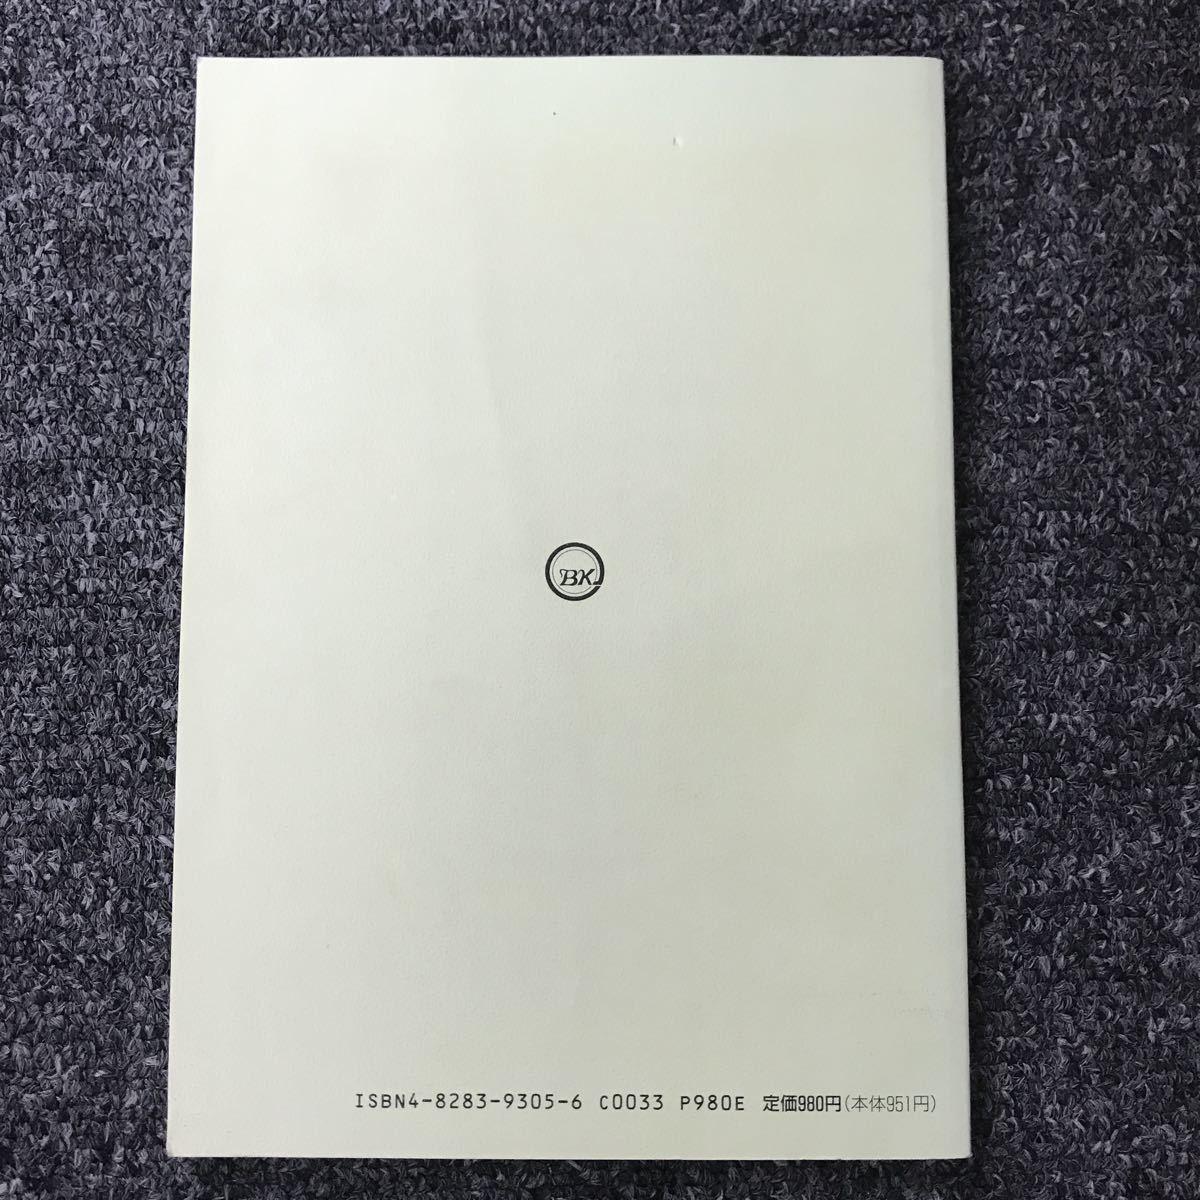 これならわかる 金融・経済 ビジネス教育出版社 / ISBN 4-8283-9305-6